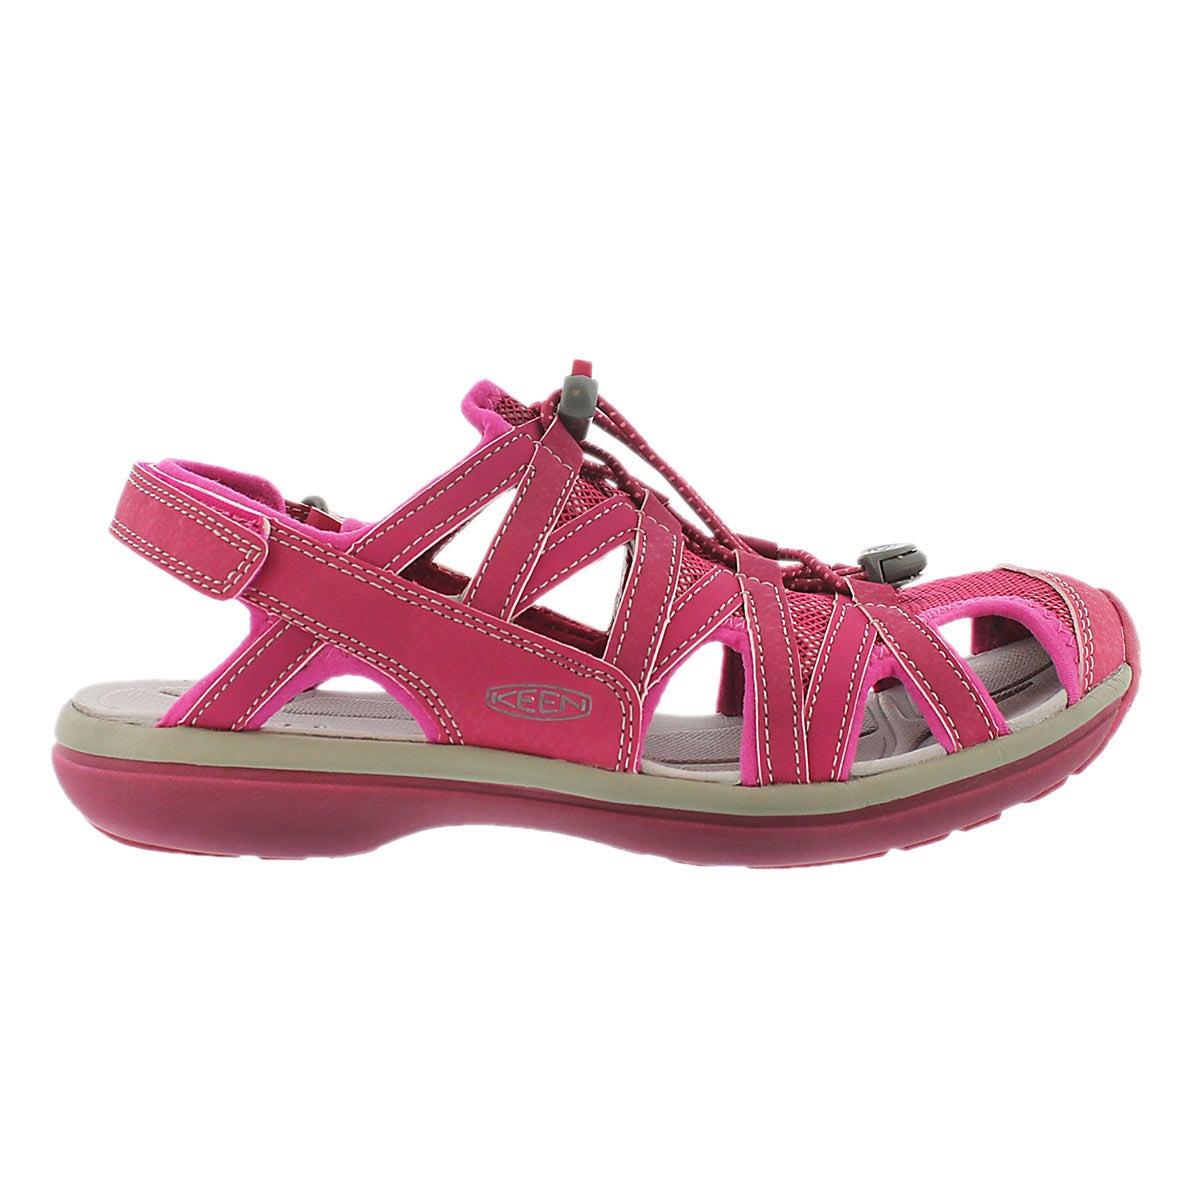 Lds Sage sangria sport sandal